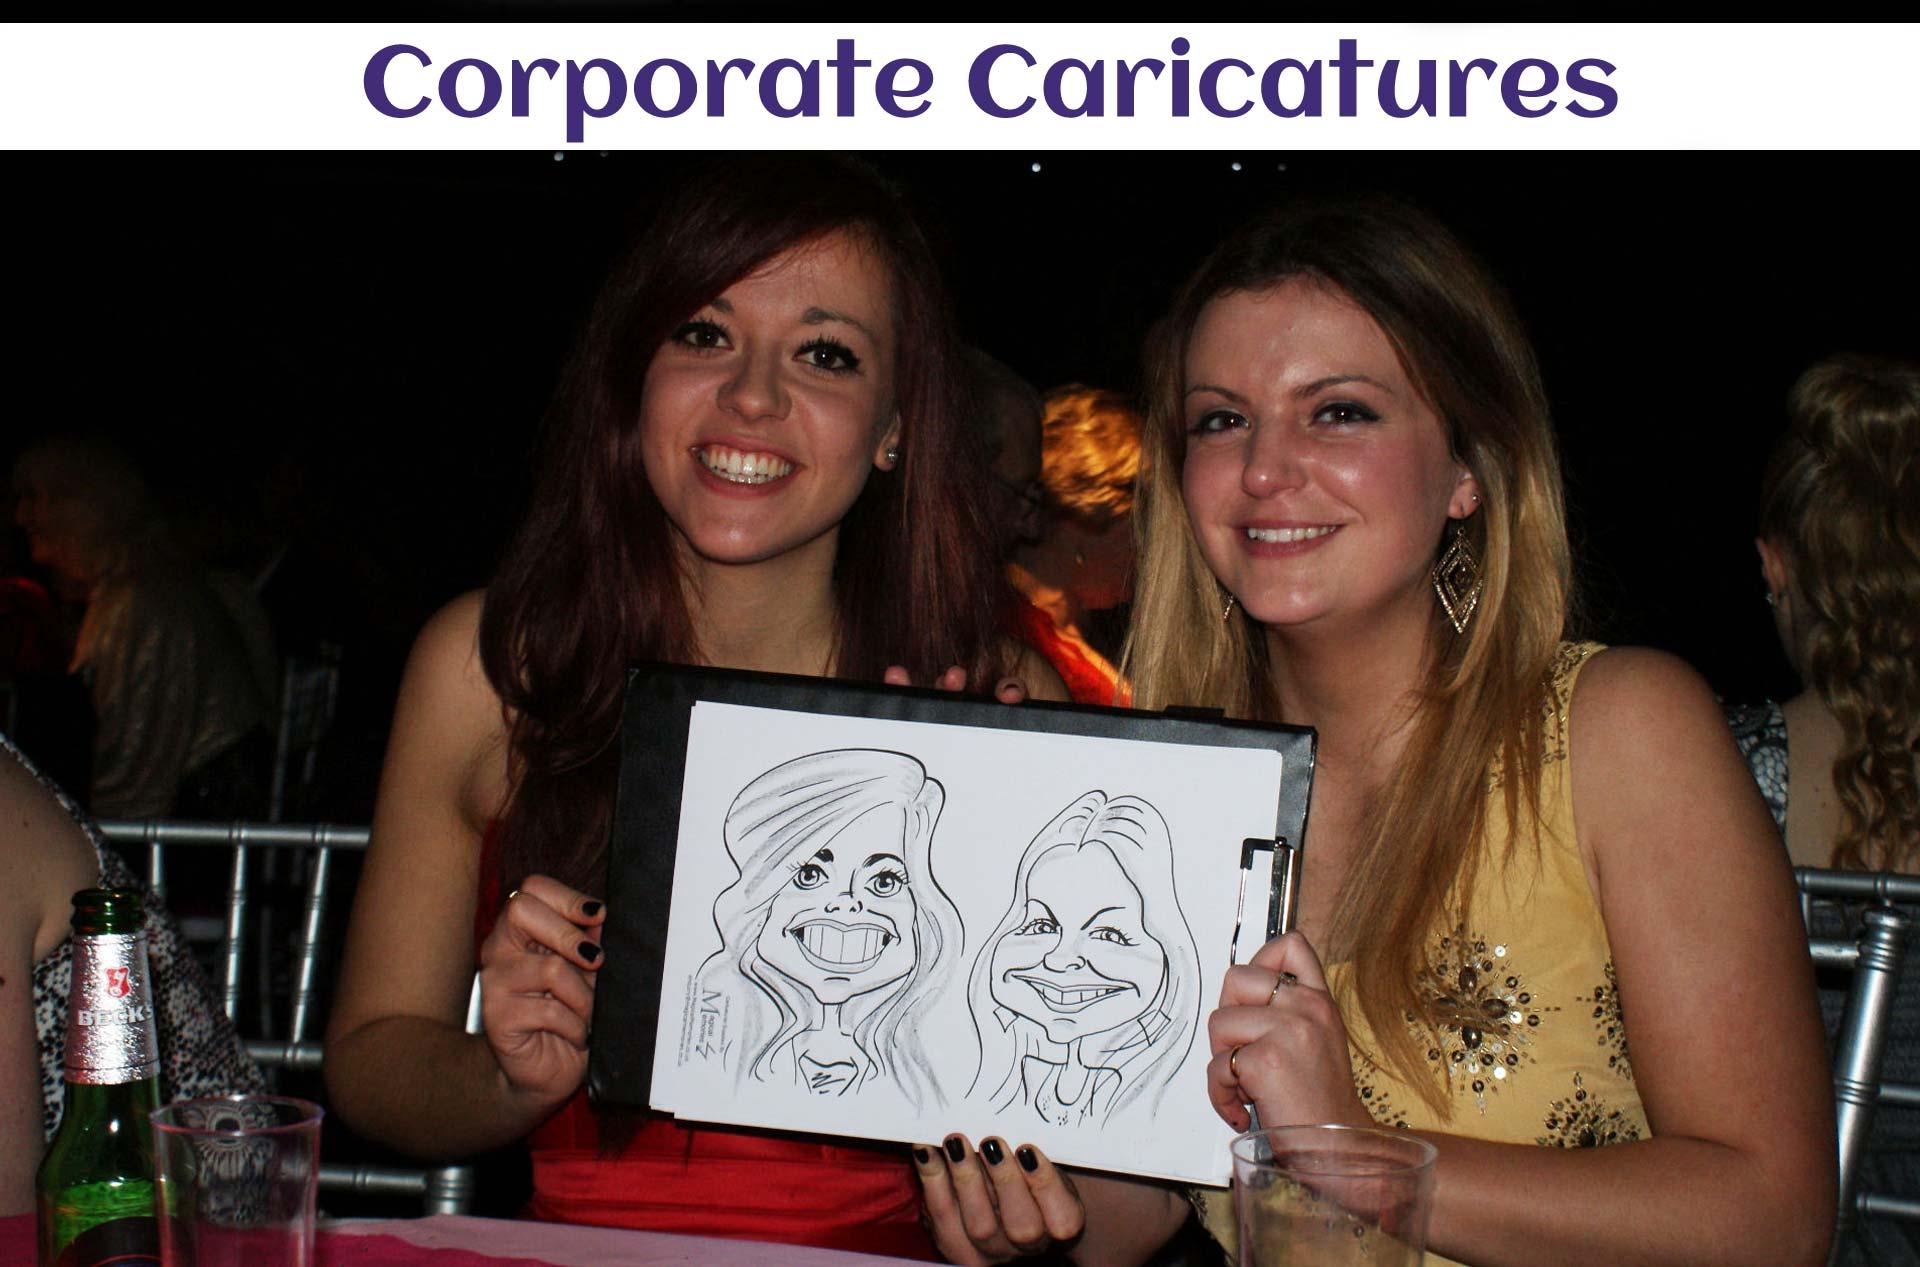 corporate caricaturists